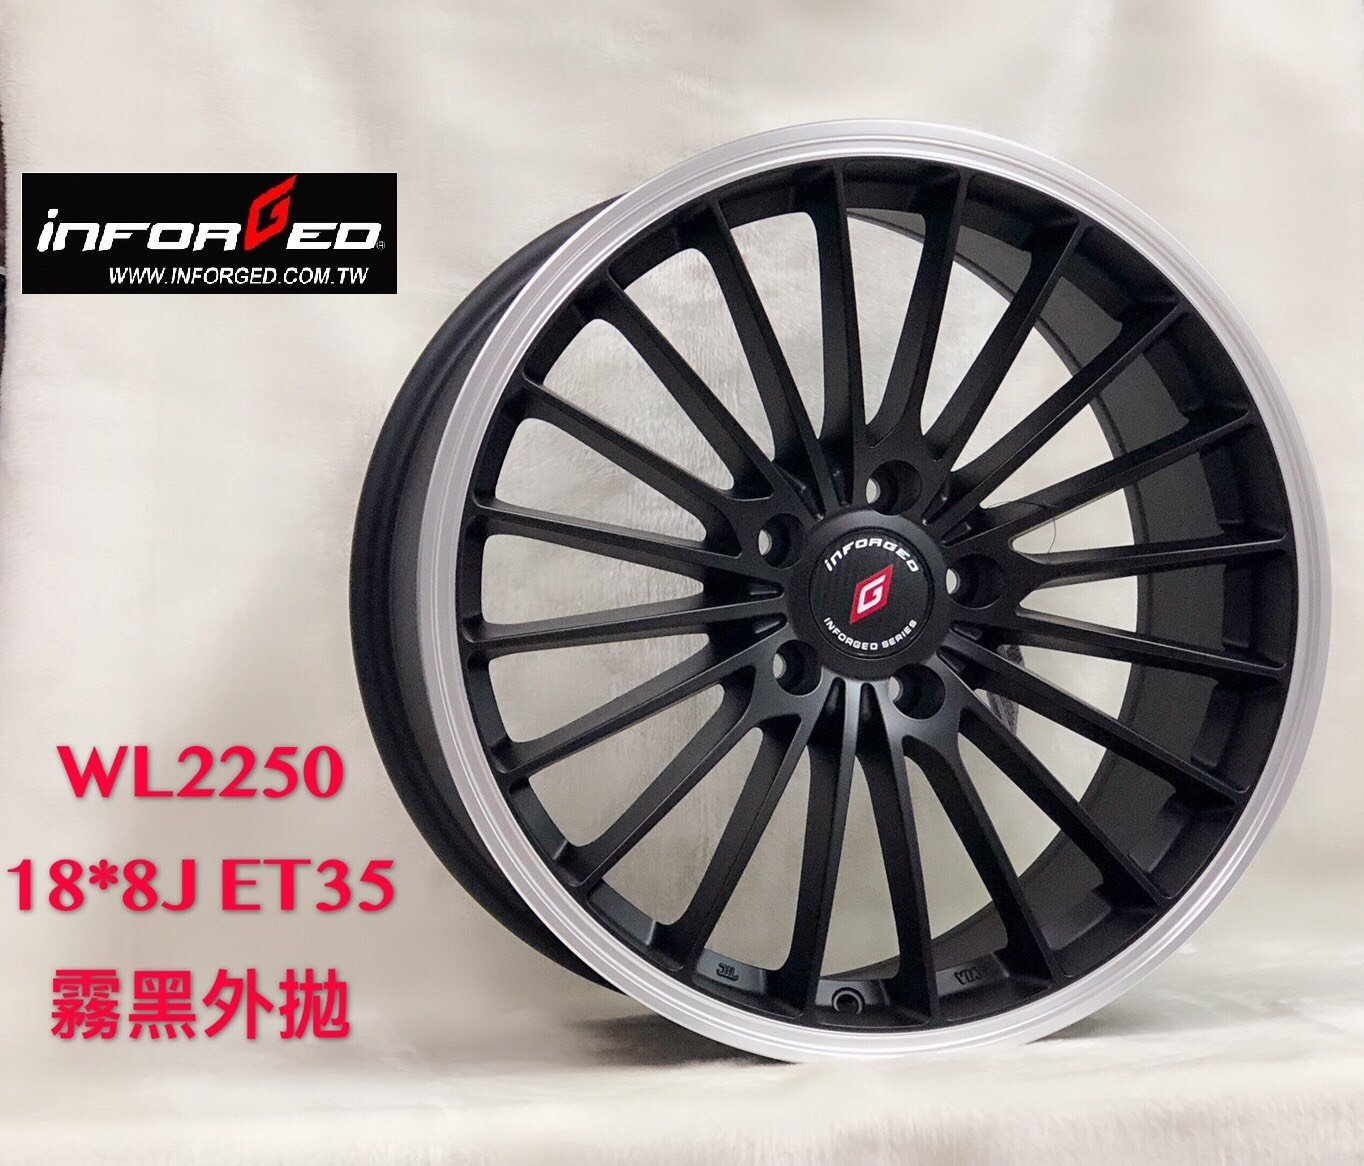 ╭☆輪鋪☆╯全新 WL2250 鋁圈 18吋5孔100/5孔108/5孔114.3 消光黑 -北德文